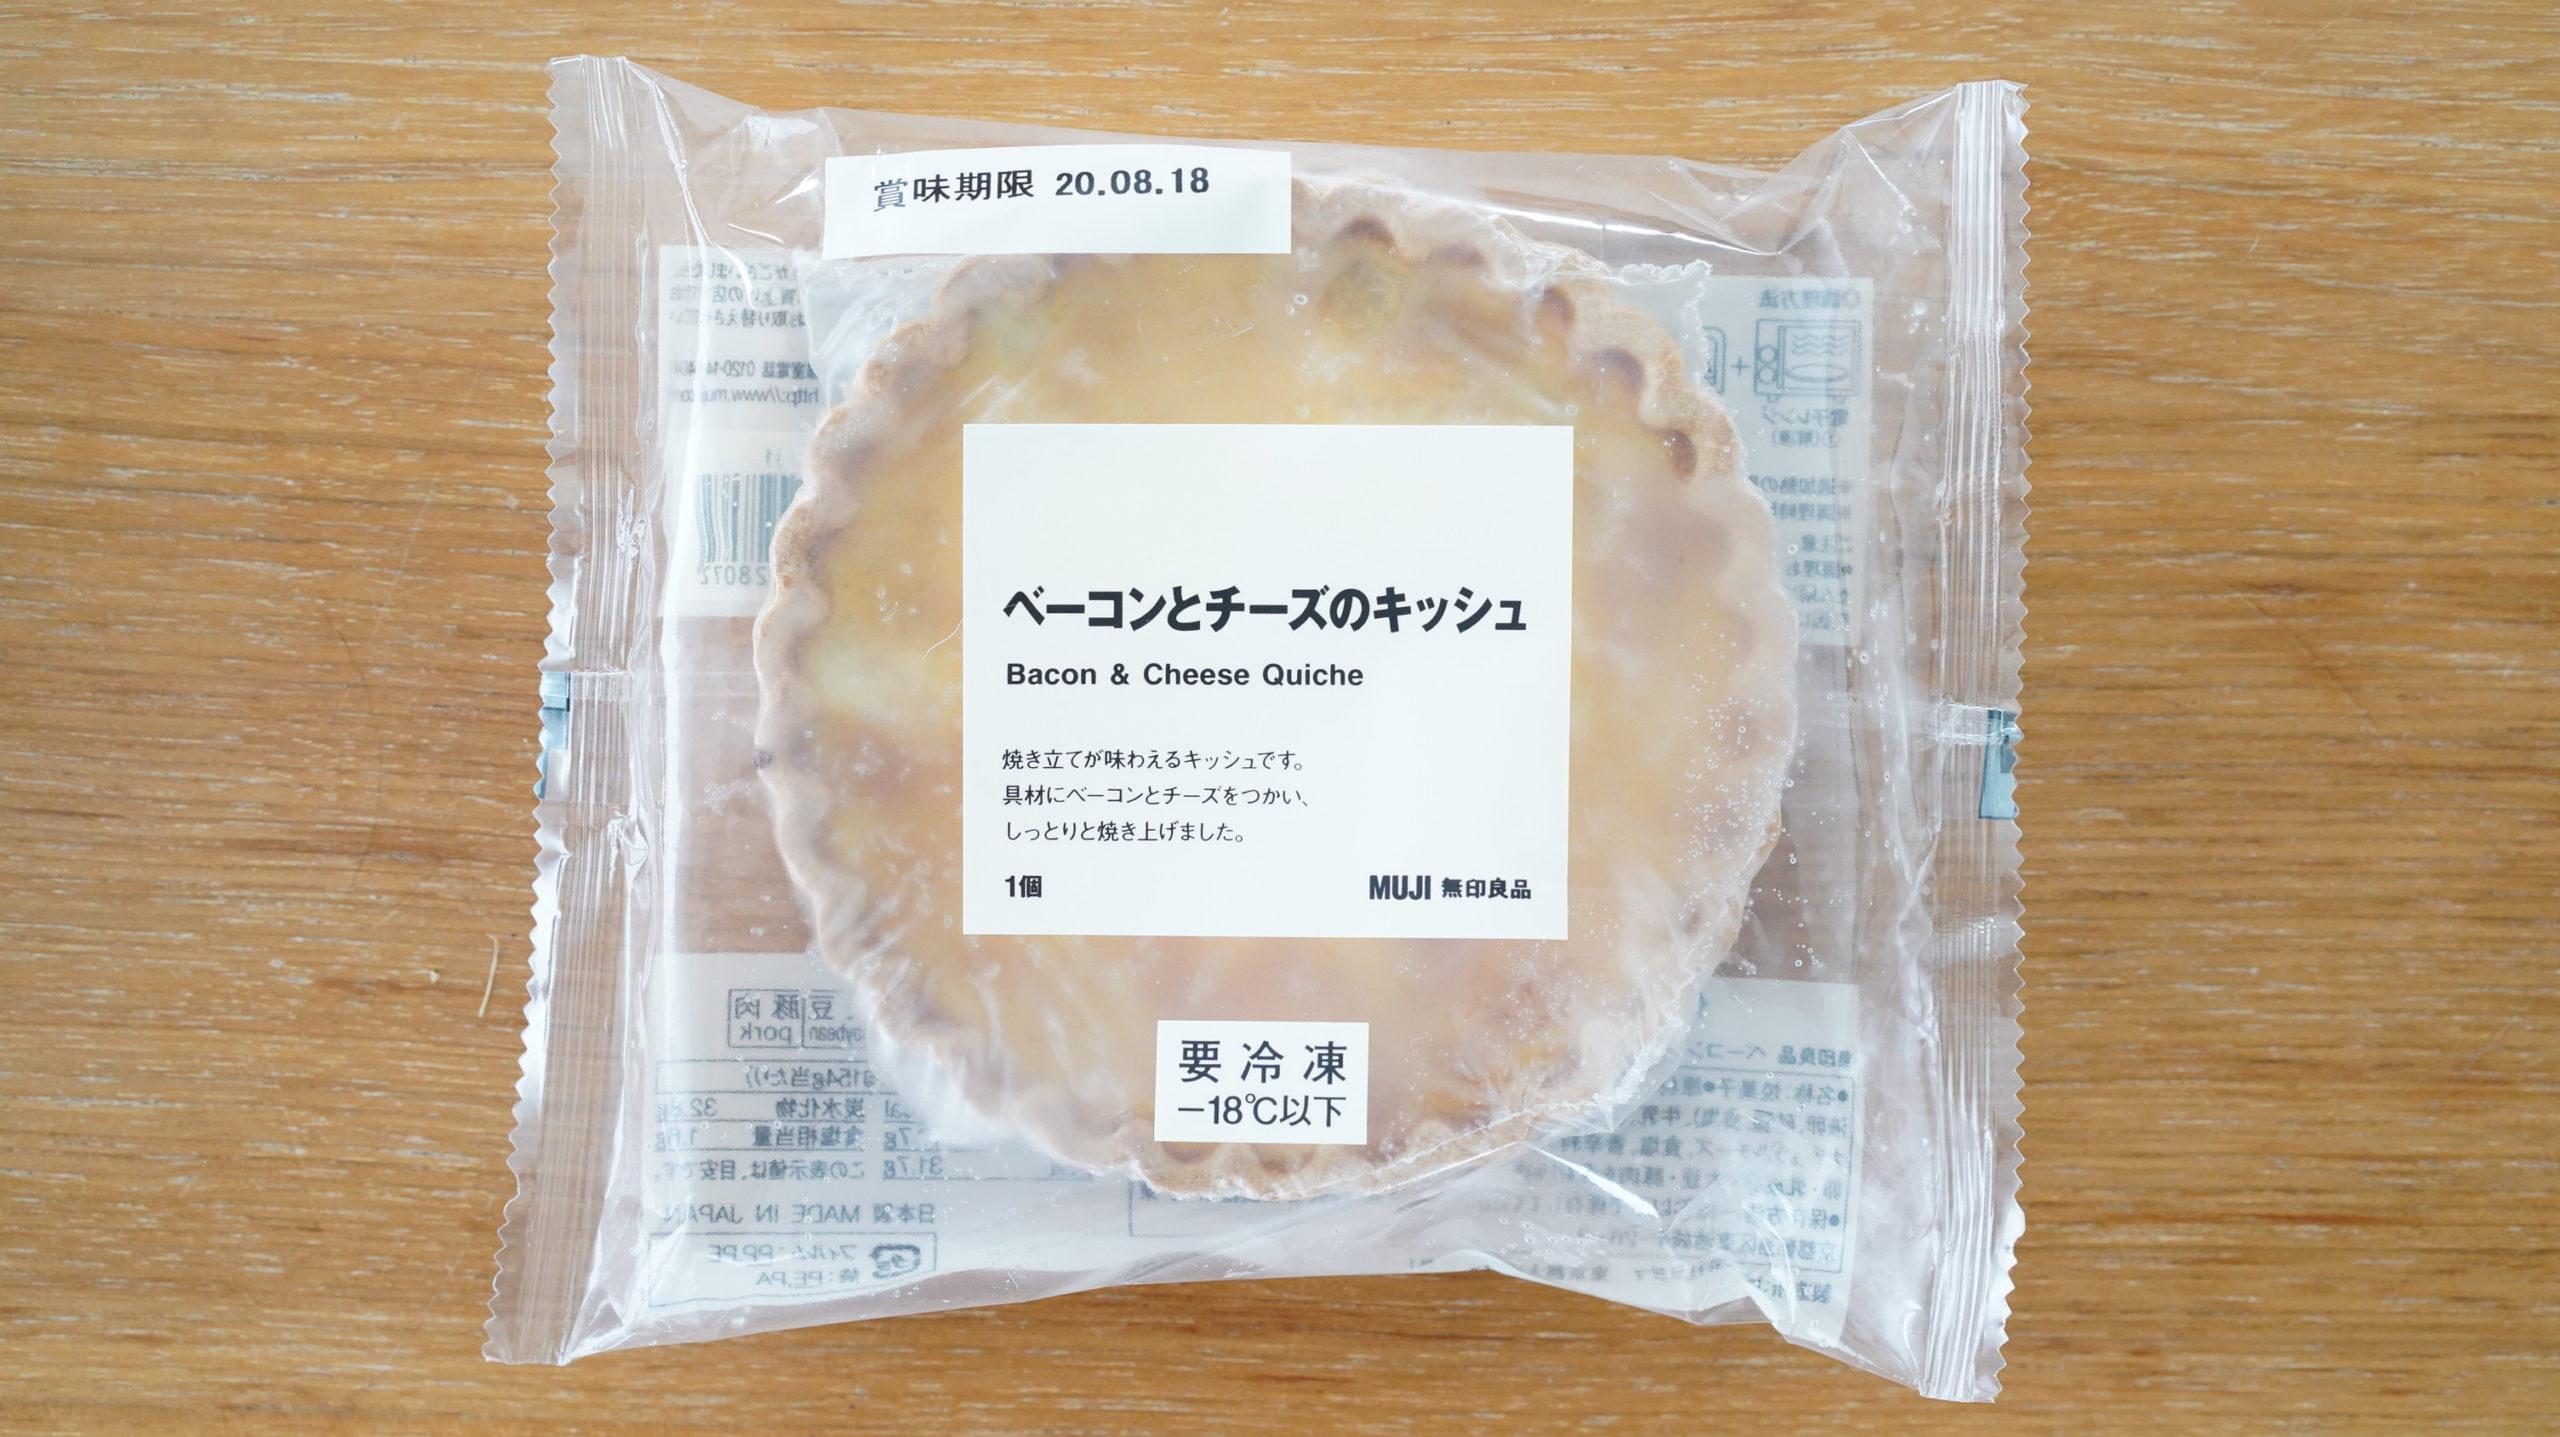 無印良品のおすすめ冷凍食品「ベーコンとチーズのキッシュ」のパッケージの写真